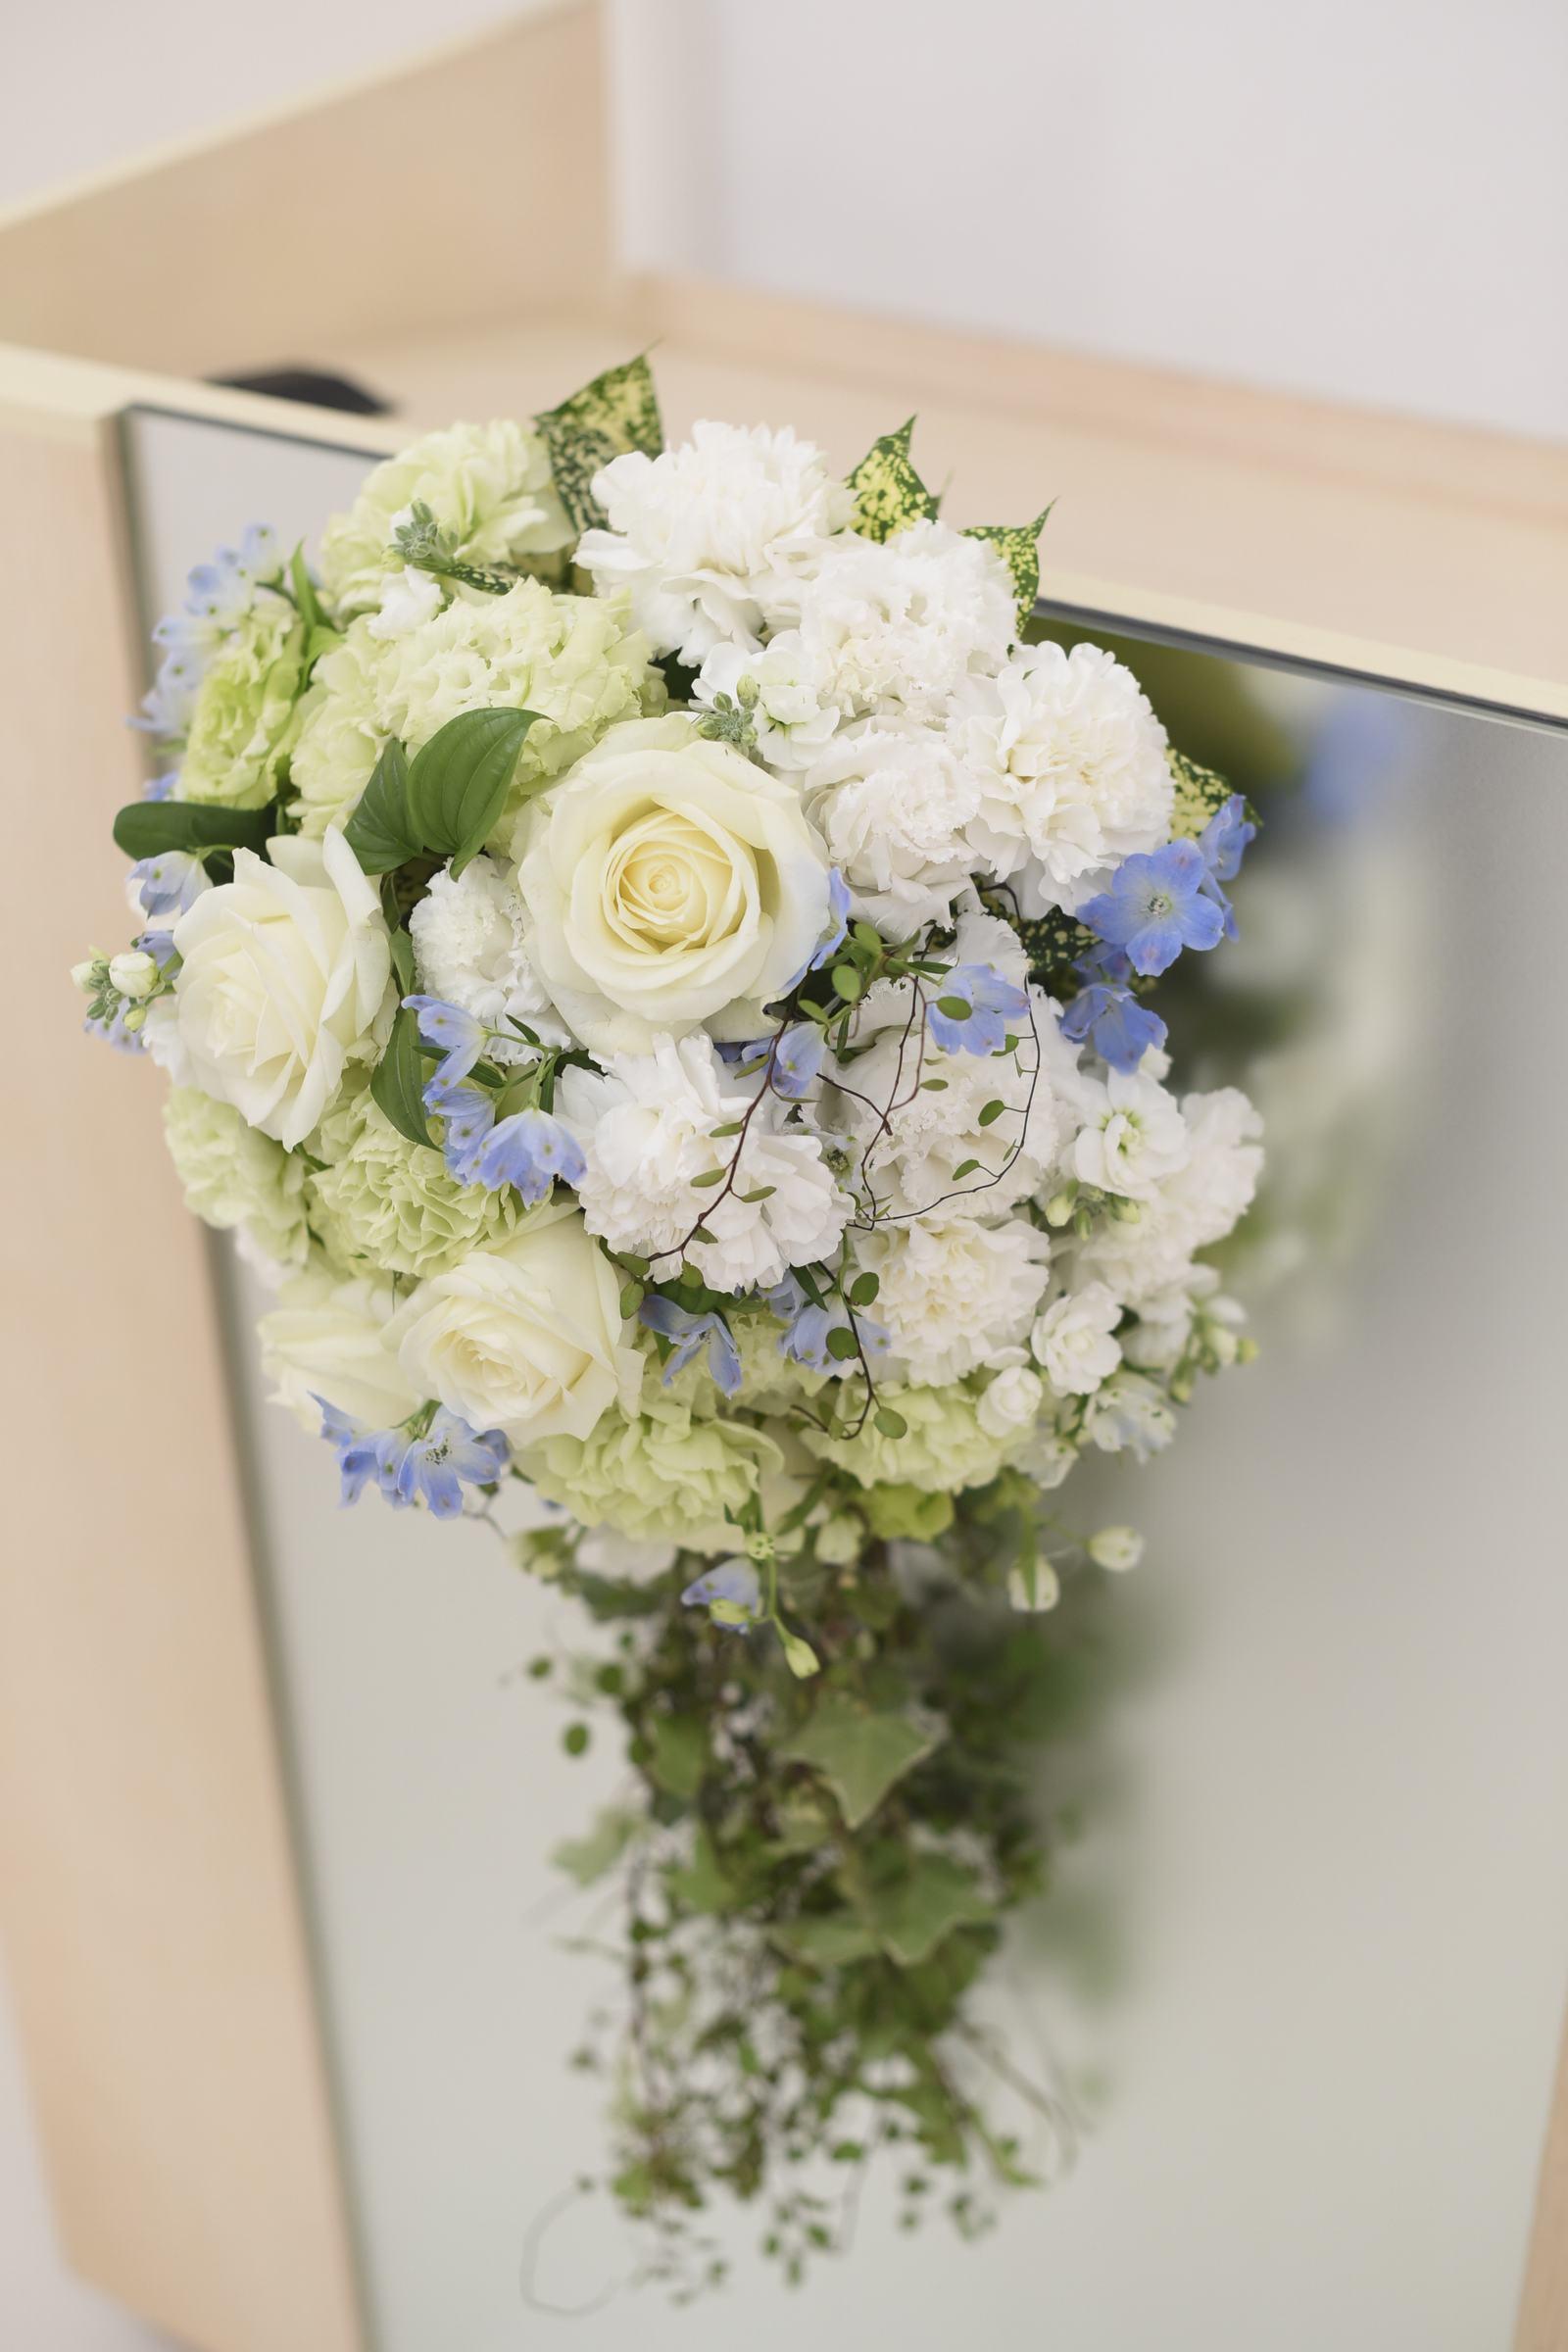 徳島市の結婚式場ブランアンジュでチャペルに飾られたお花